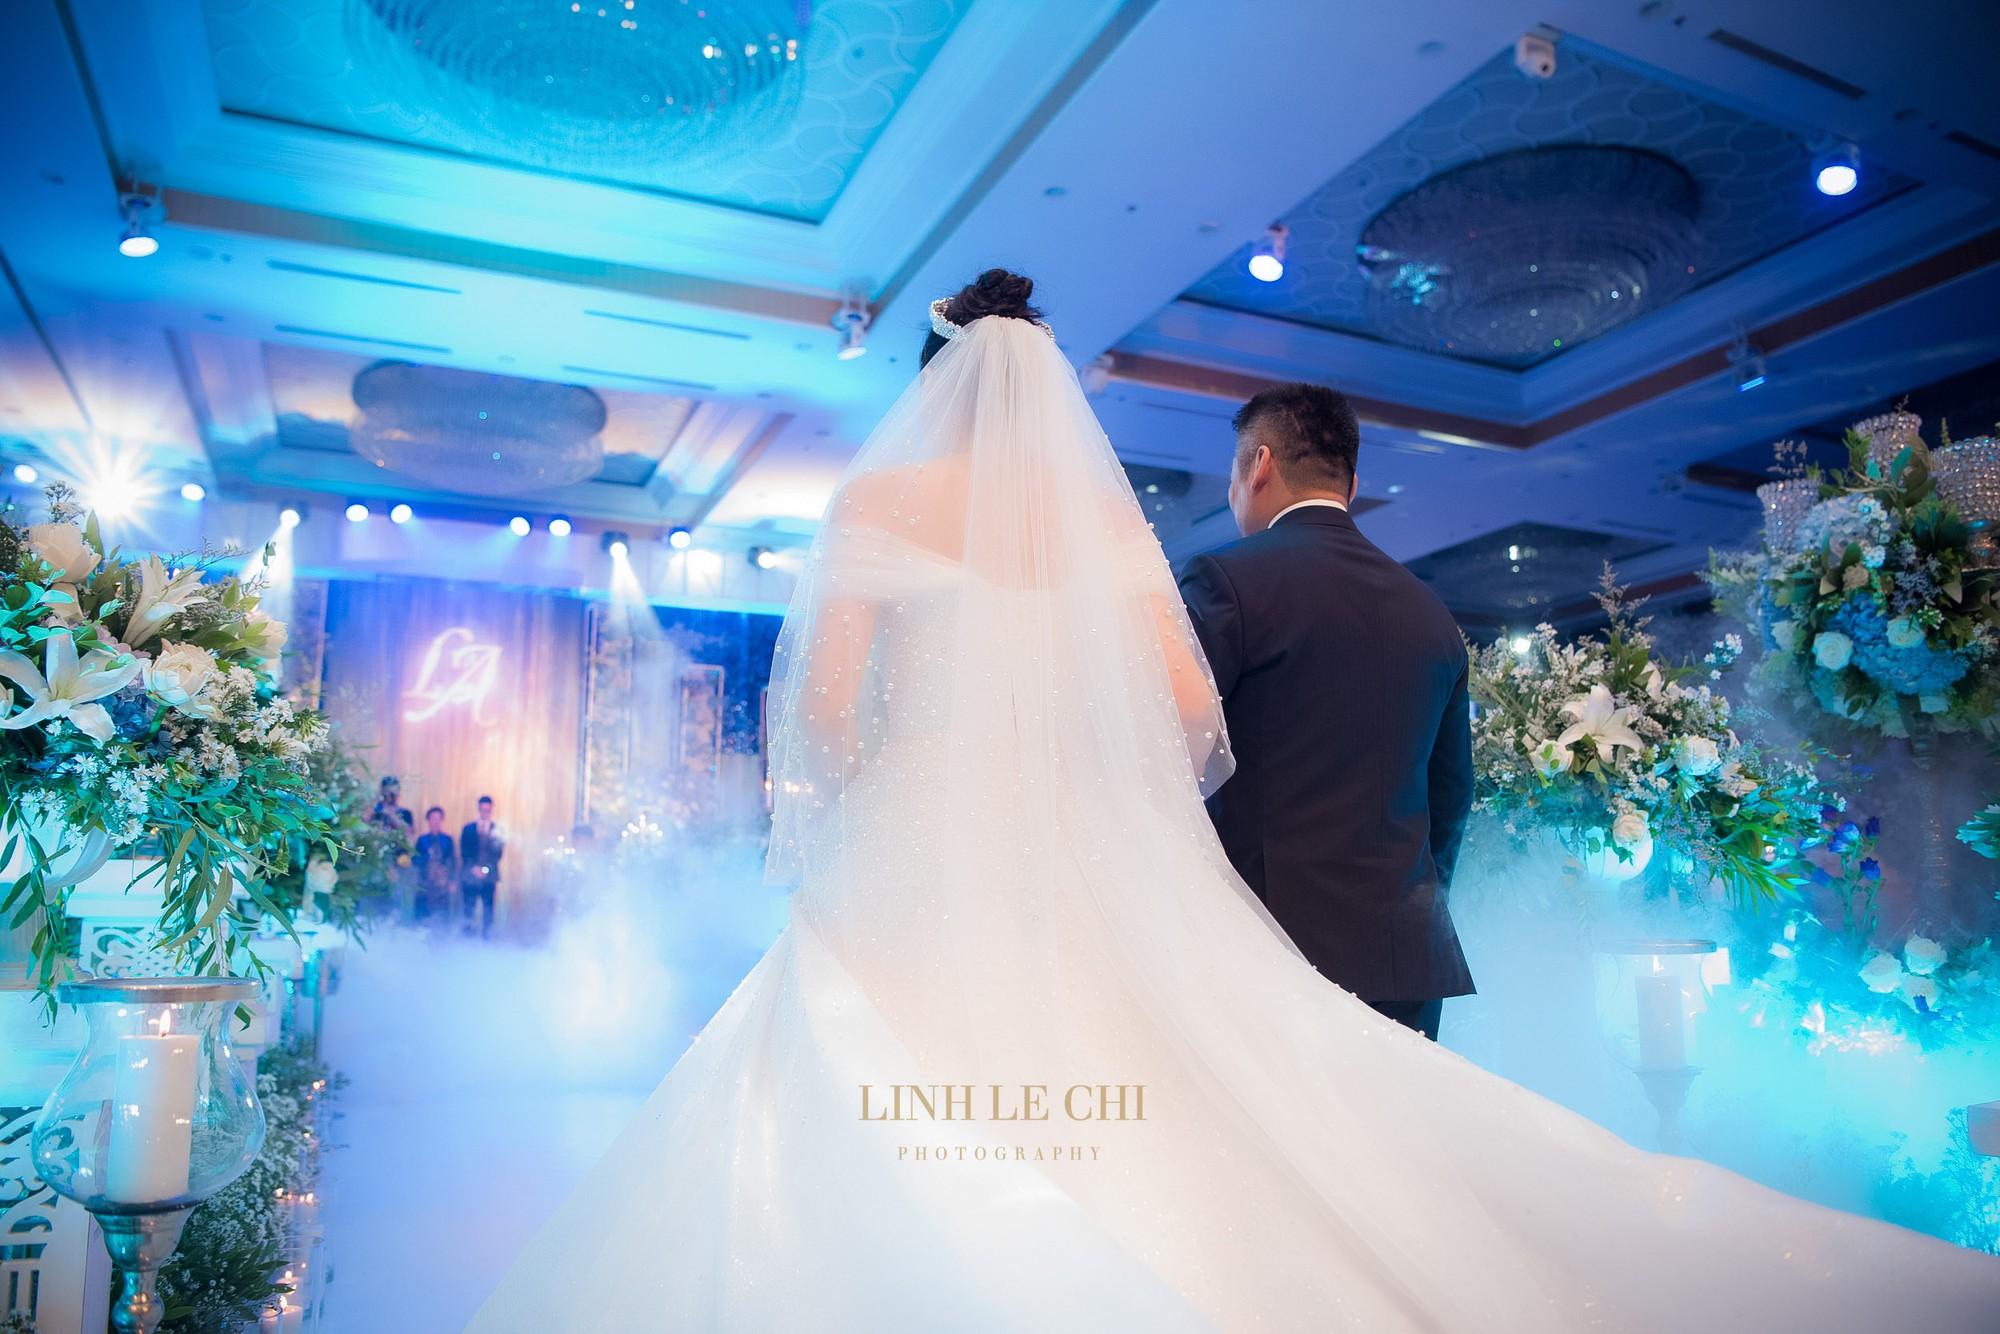 Ảnh đẹp: Á hậu Tú Anh nũng nịu ôm chặt ông xã trong tiệc cưới sang trọng ở Hà Nội - Ảnh 7.